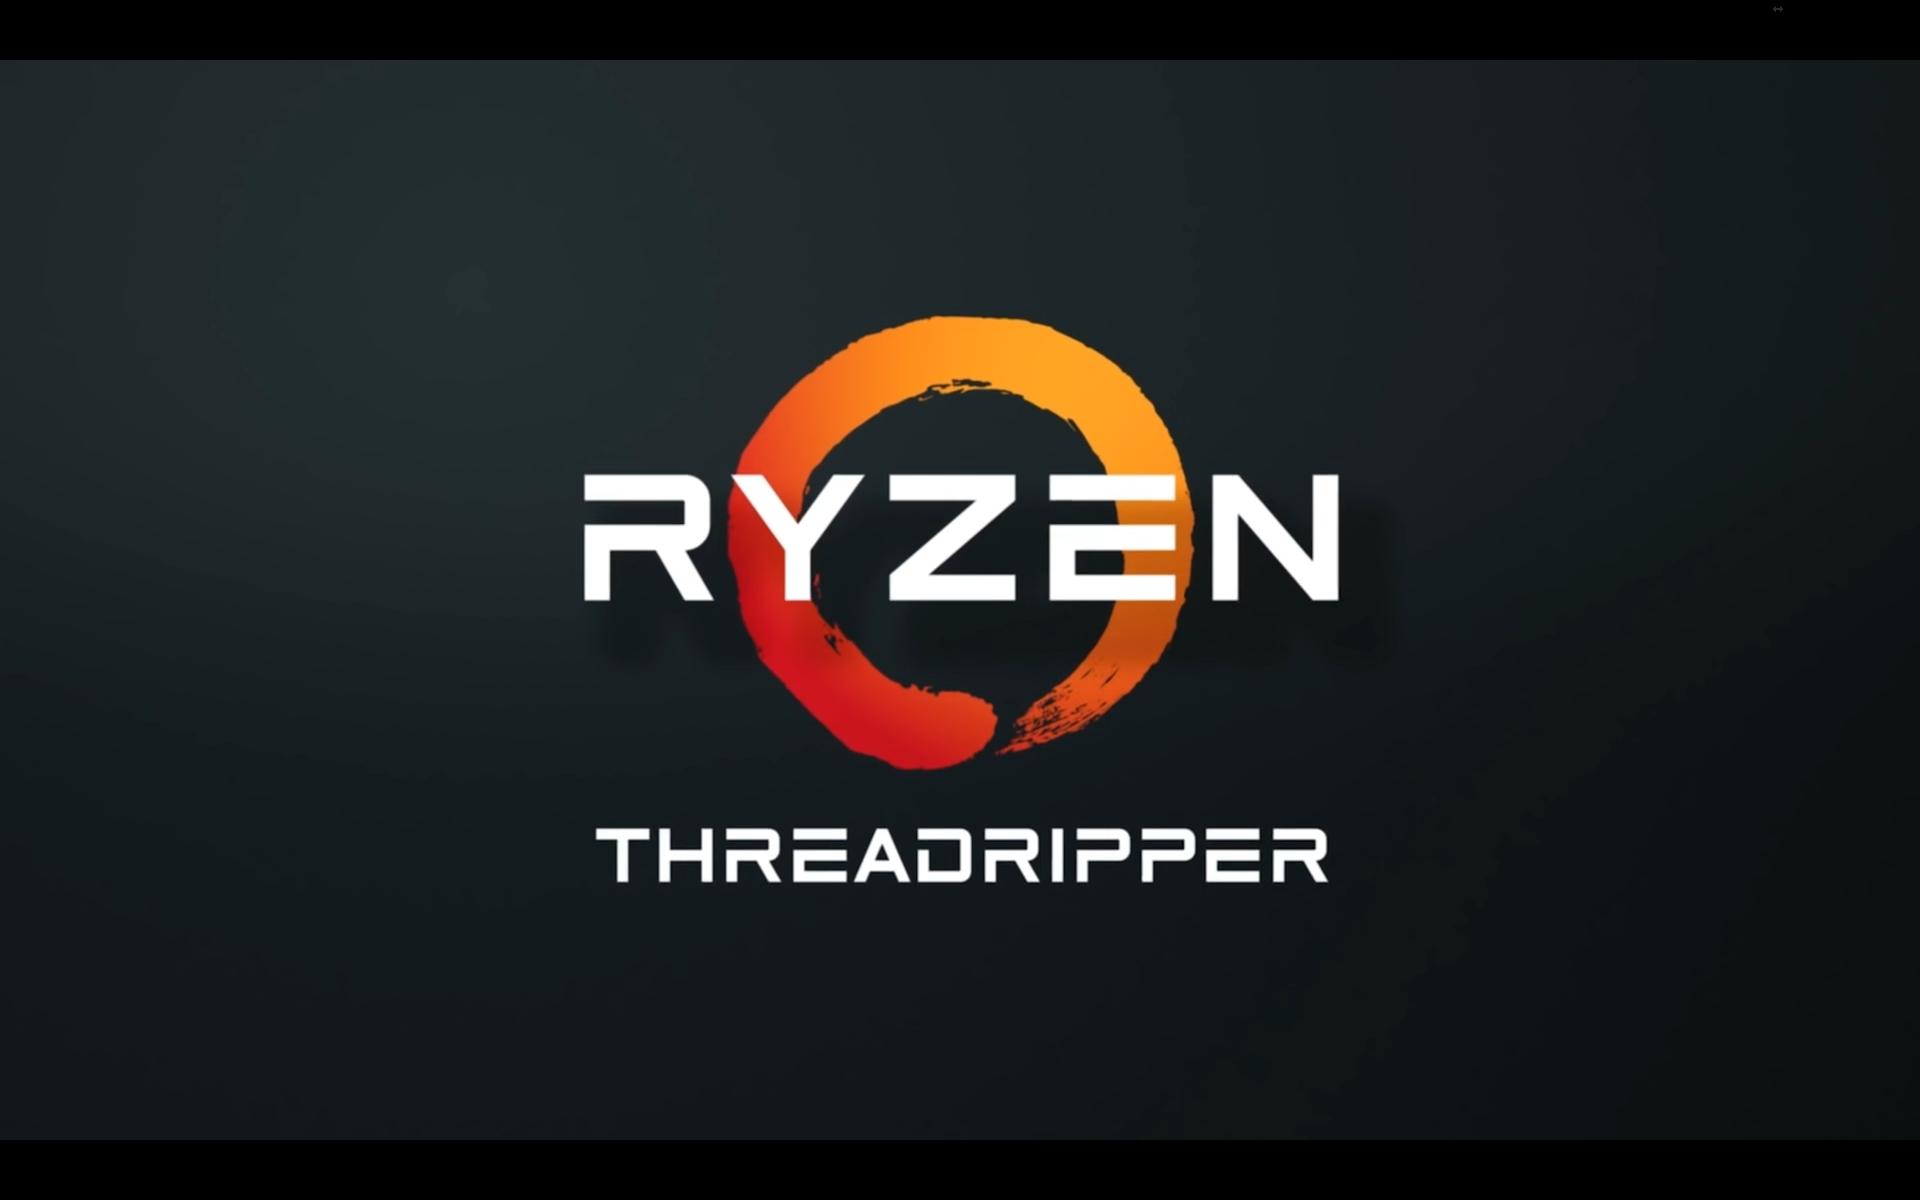 Threadripper Ryzen